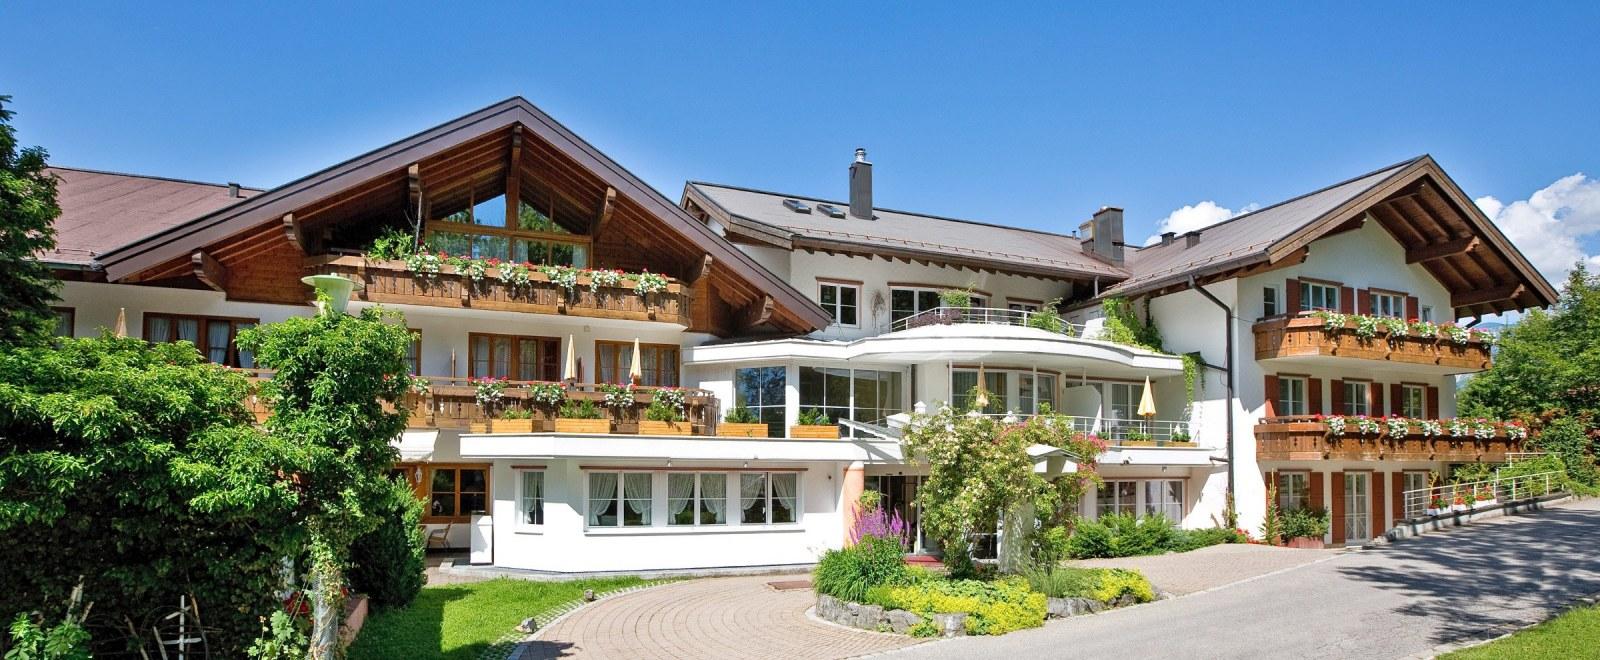 4-Sterne-Hotel in Oberstdorf